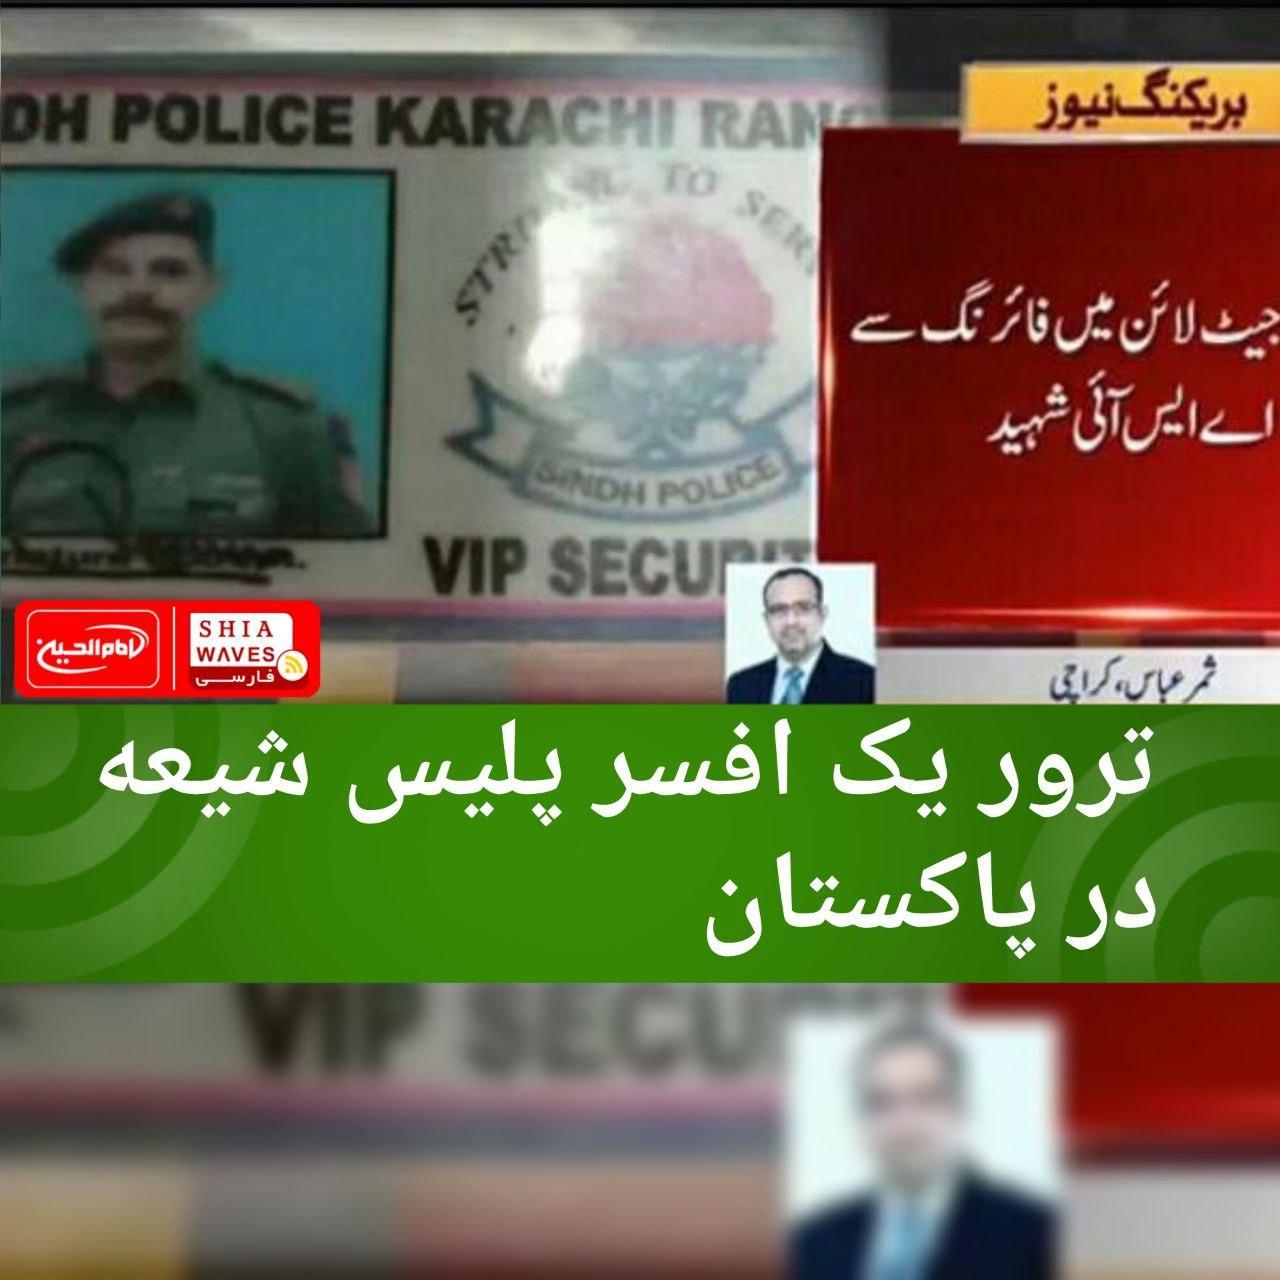 تصویر ترور یک افسر پلیس شیعه در پاکستان